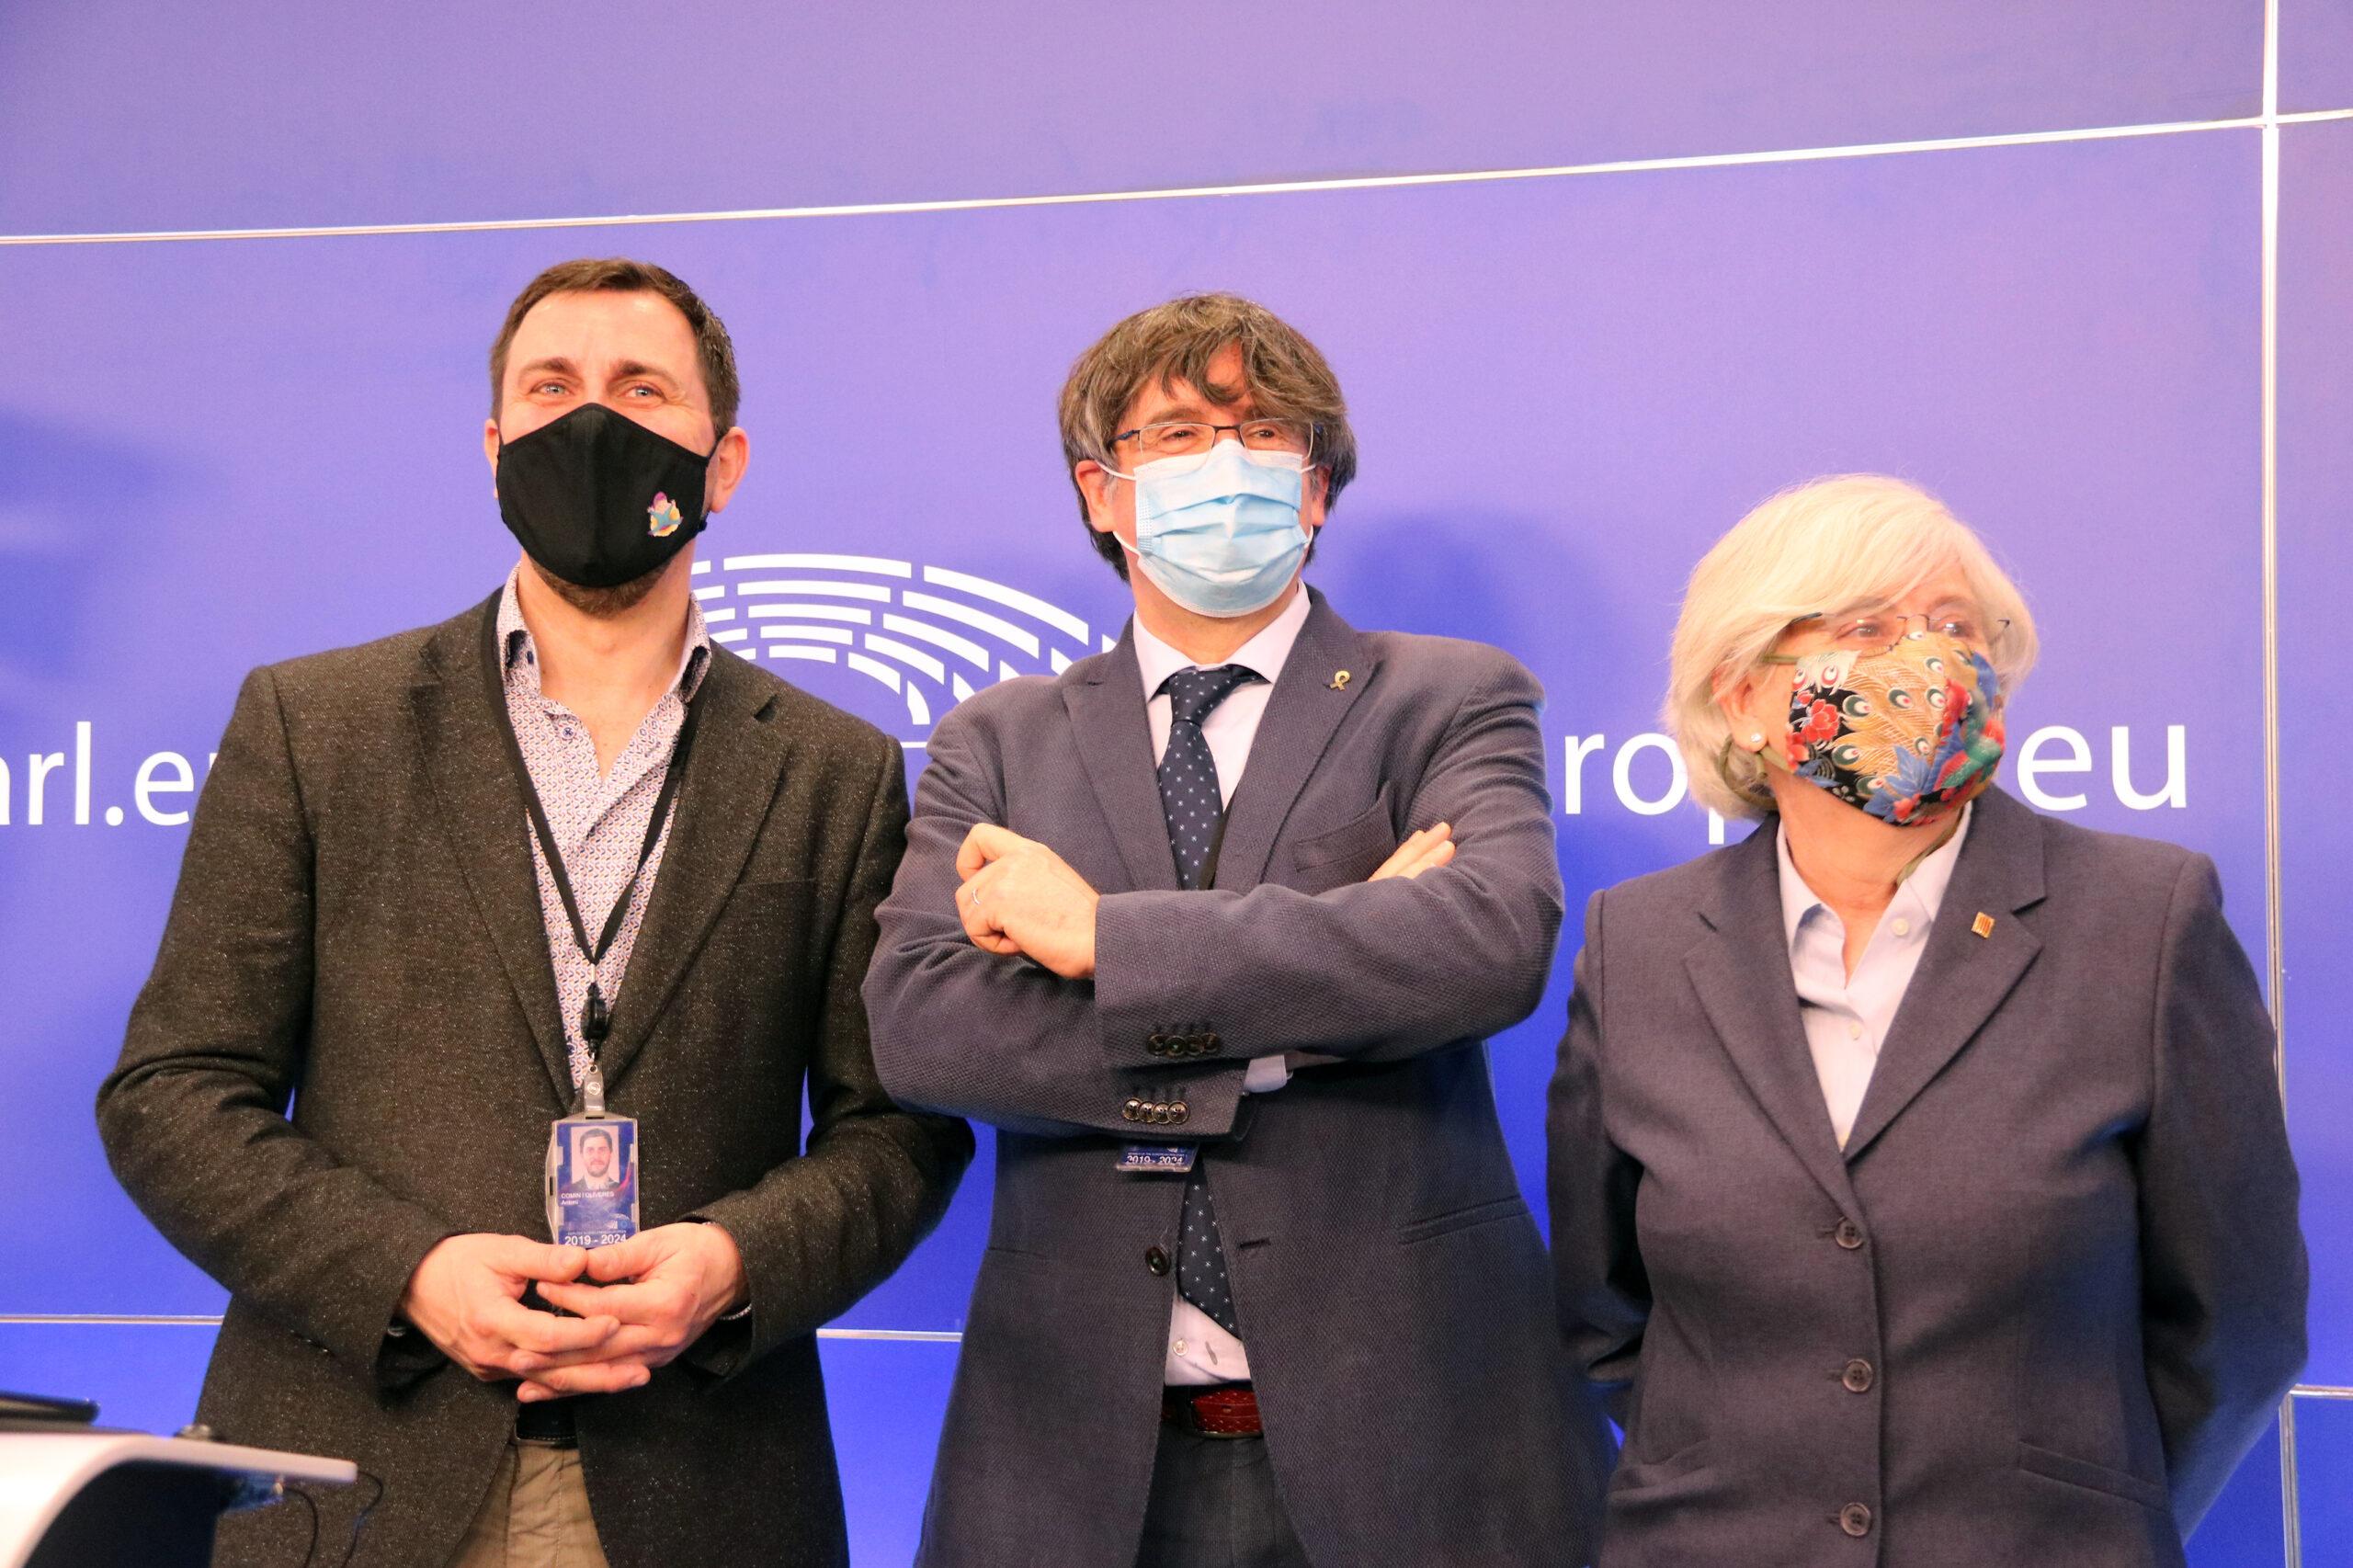 Els eurodiputats de JxCat Carles Puigdemont, Toni Comín i Clara Ponsatí després de la roda de premsa a l'Eurocambra | ACN